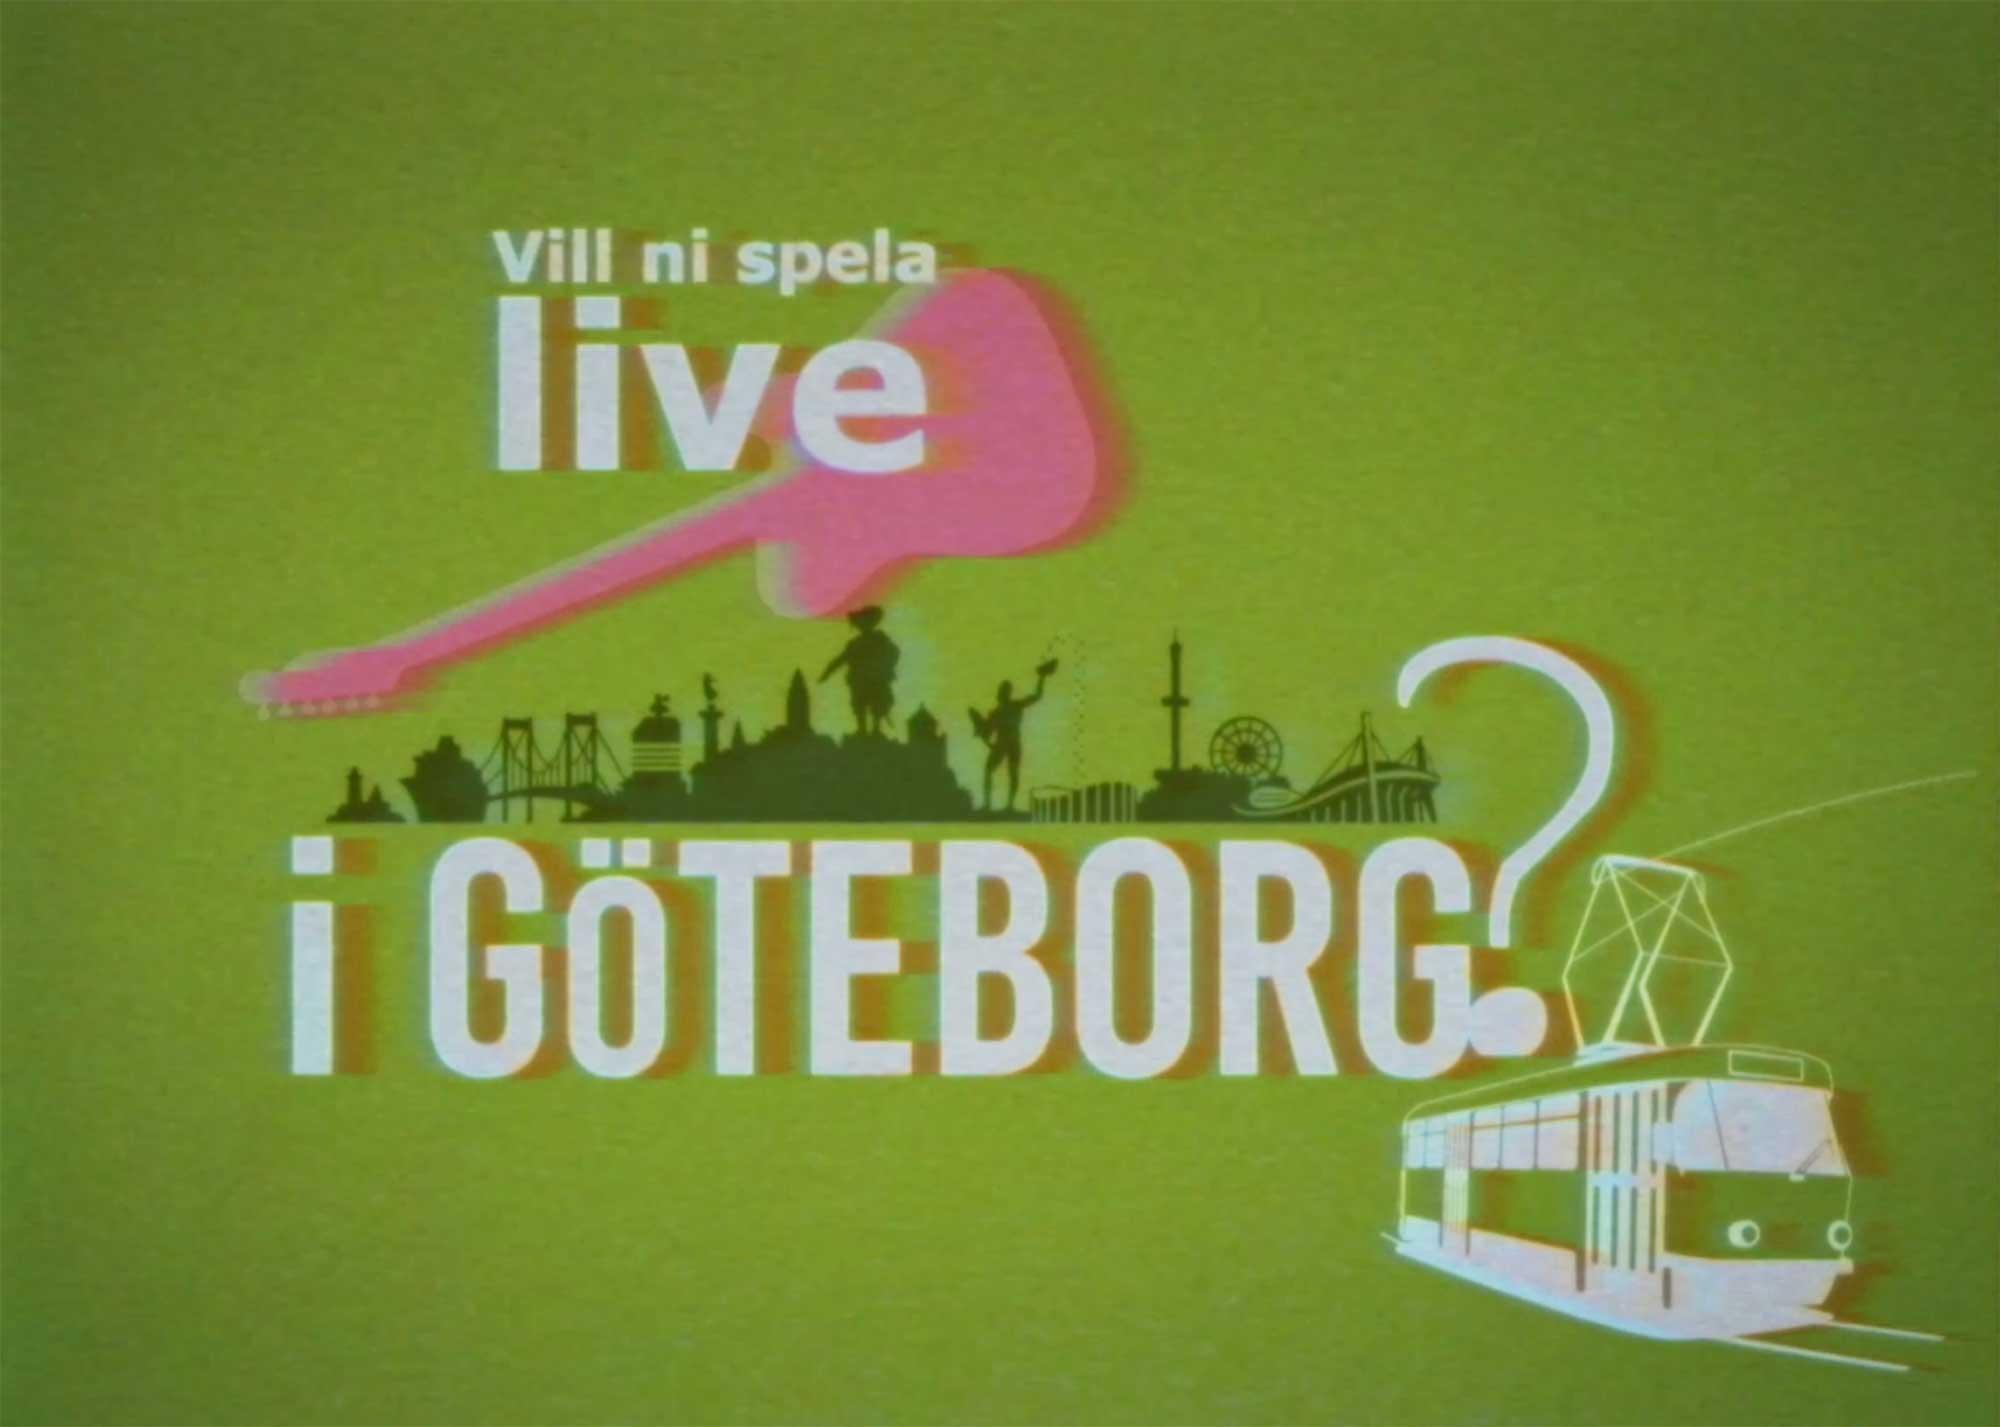 Spela-live-i-Göteborg